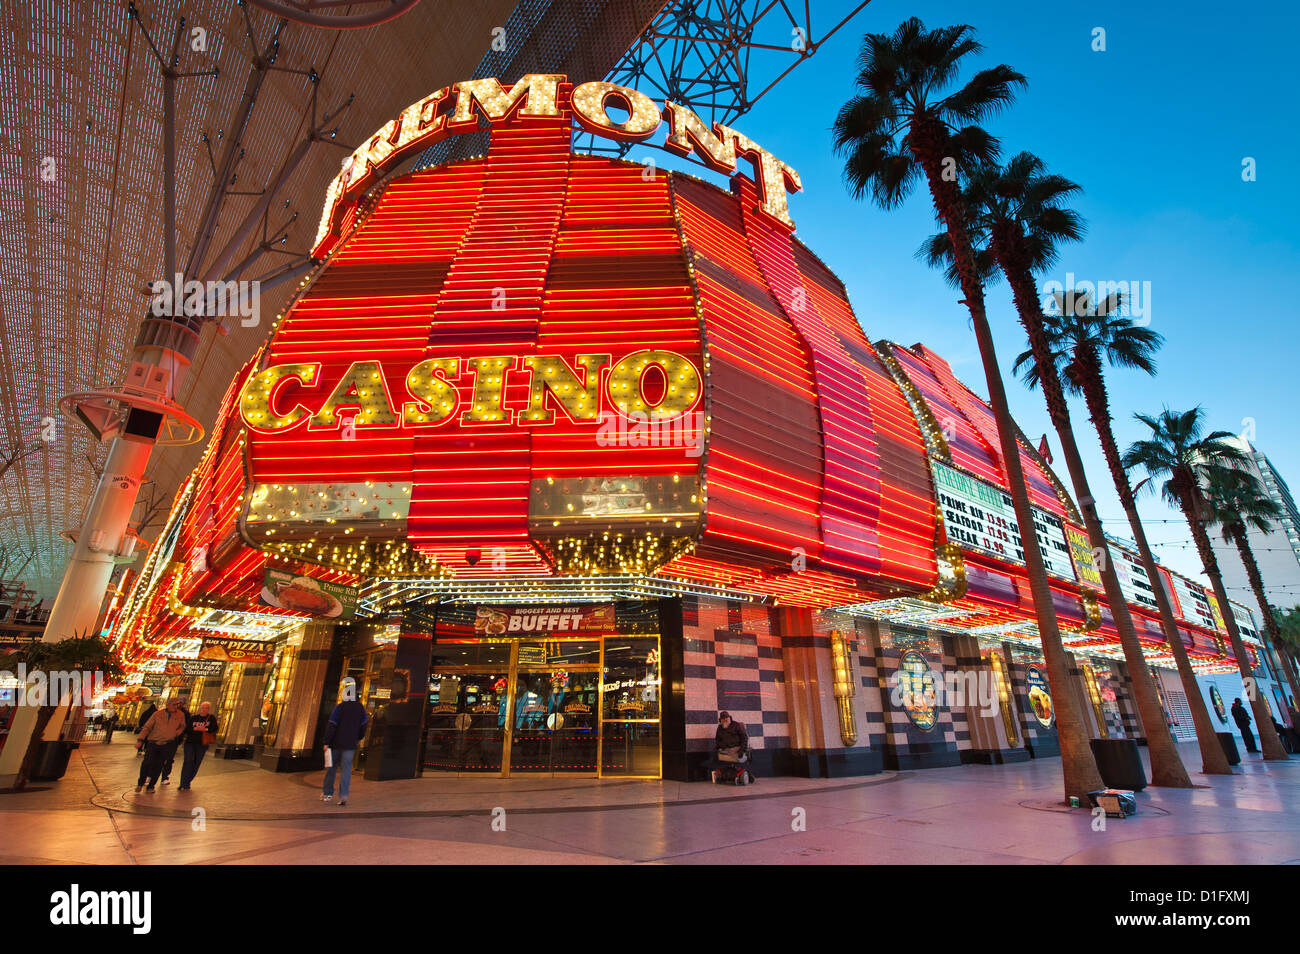 Fremont-Casino und der Fremont Street Experience, Las Vegas, Nevada, Vereinigte Staaten von Amerika, Nordamerika Stockbild